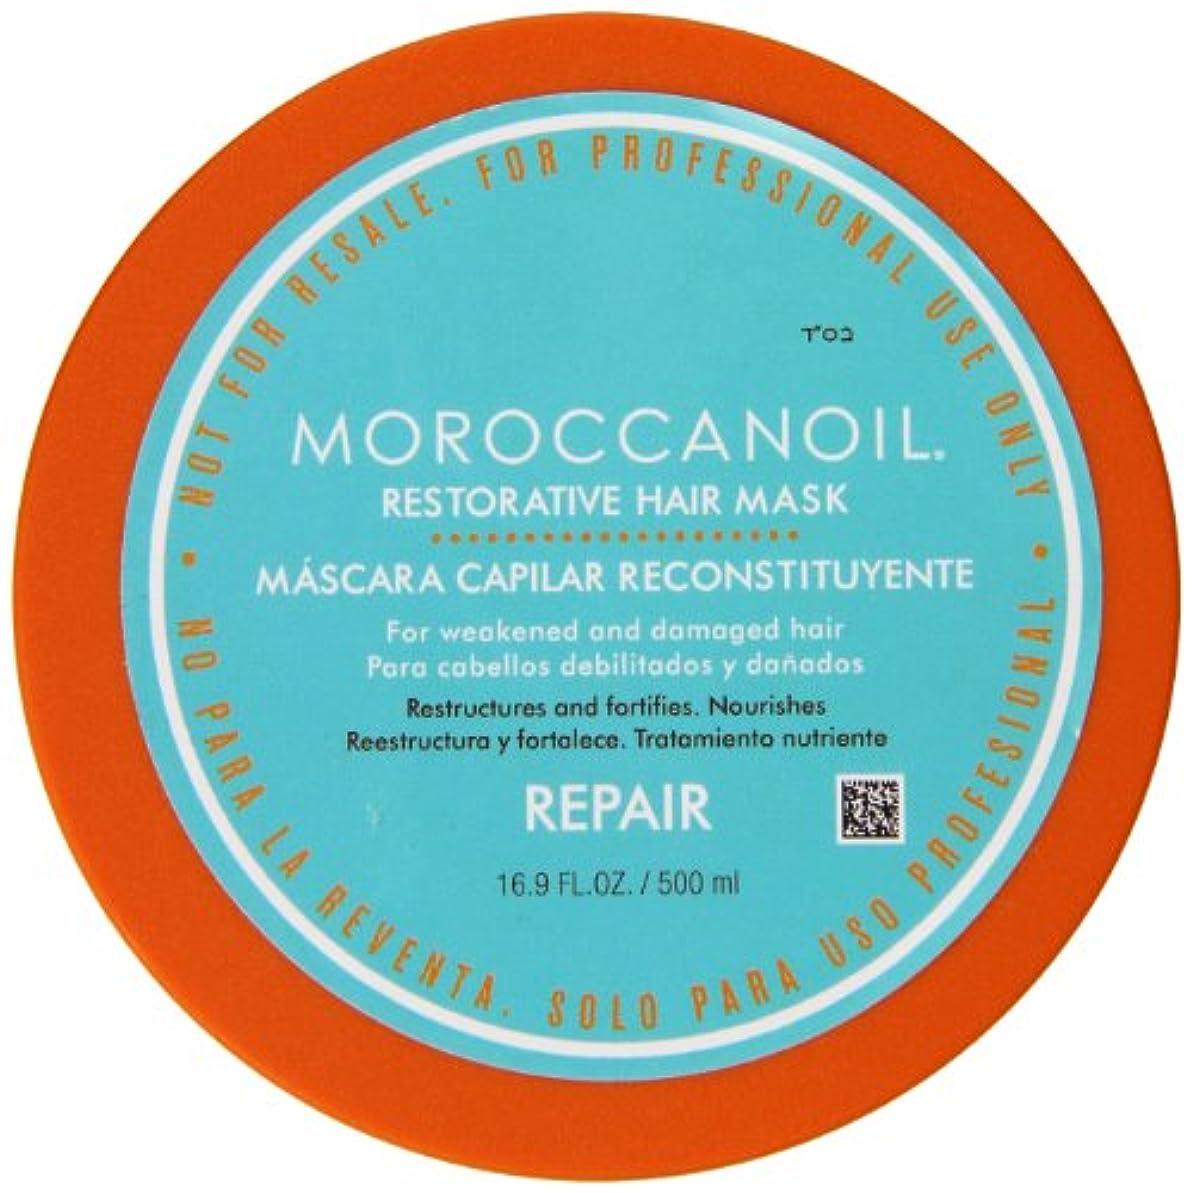 遠洋の戻る圧縮するモロッカンオイル リストラクティブ ヘア マスク (ダメージを受けた髪用) 500ml/16.9oz並行輸入品